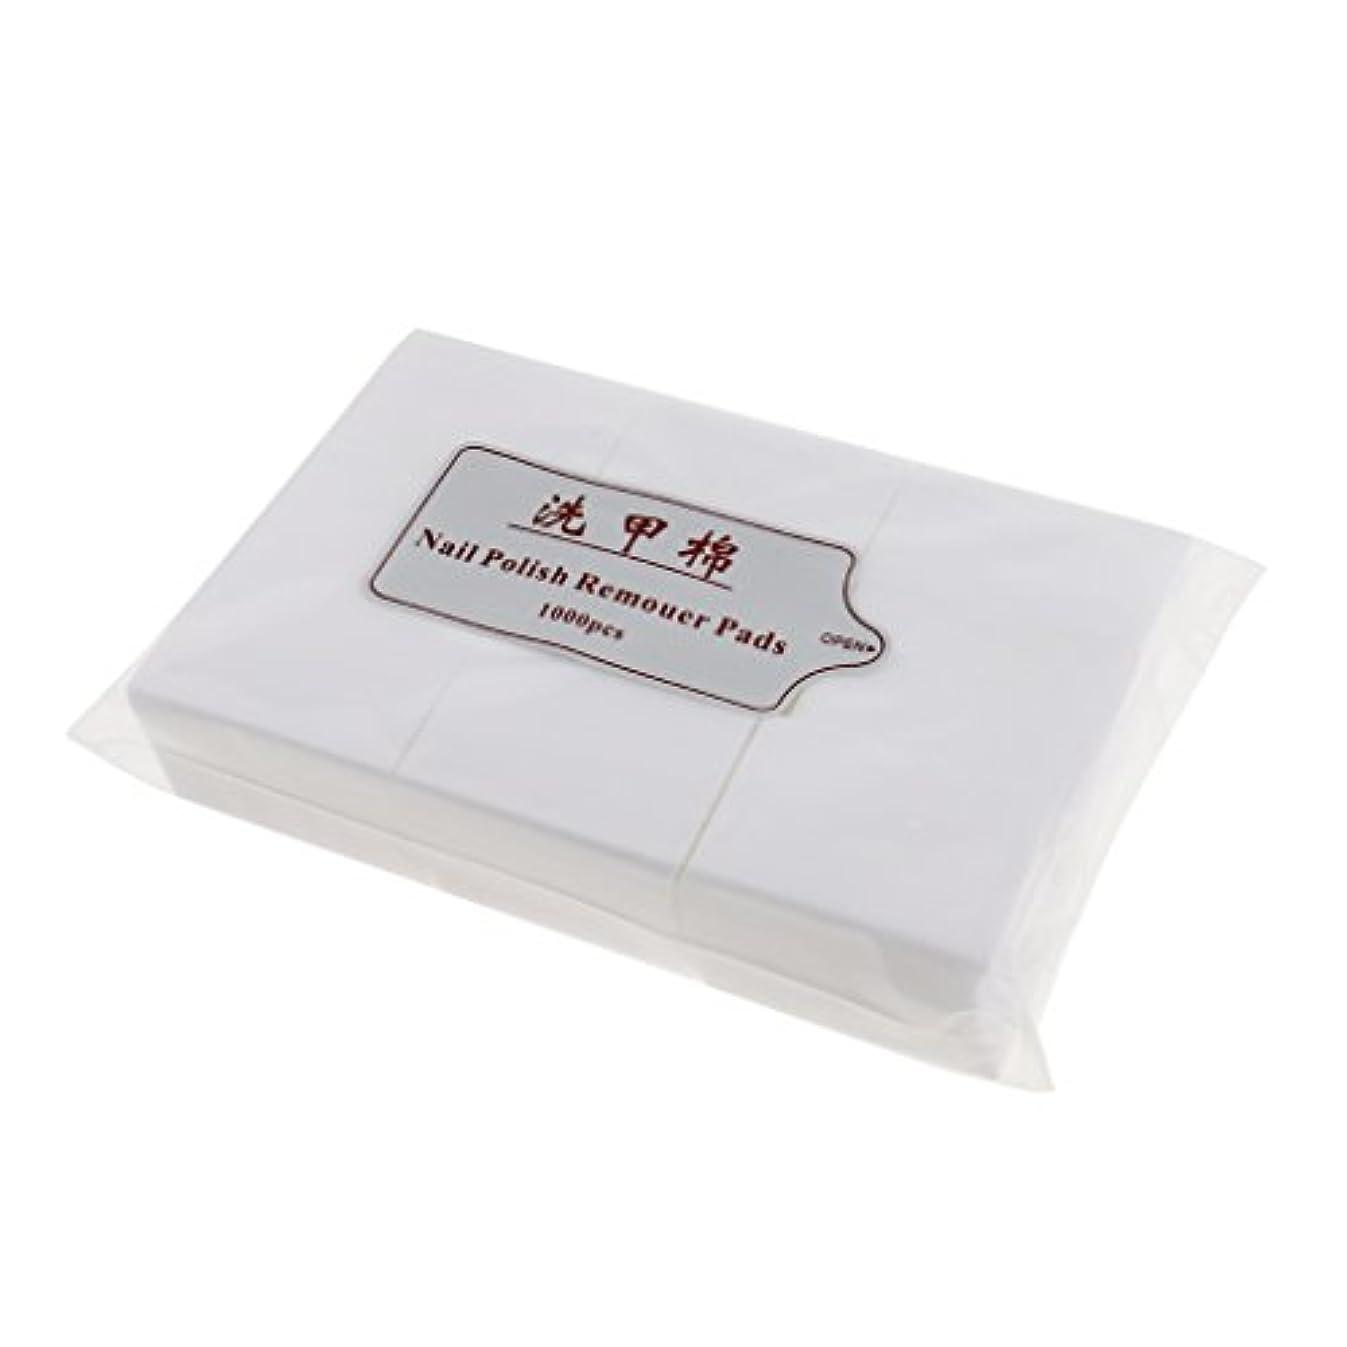 うなる挽く薬剤師約1000個 ネイルコットンパッド ソフト ネイルアート チップ マニキュア ポリッシュリムーバー クリーンワイプ 綿 パッド紙